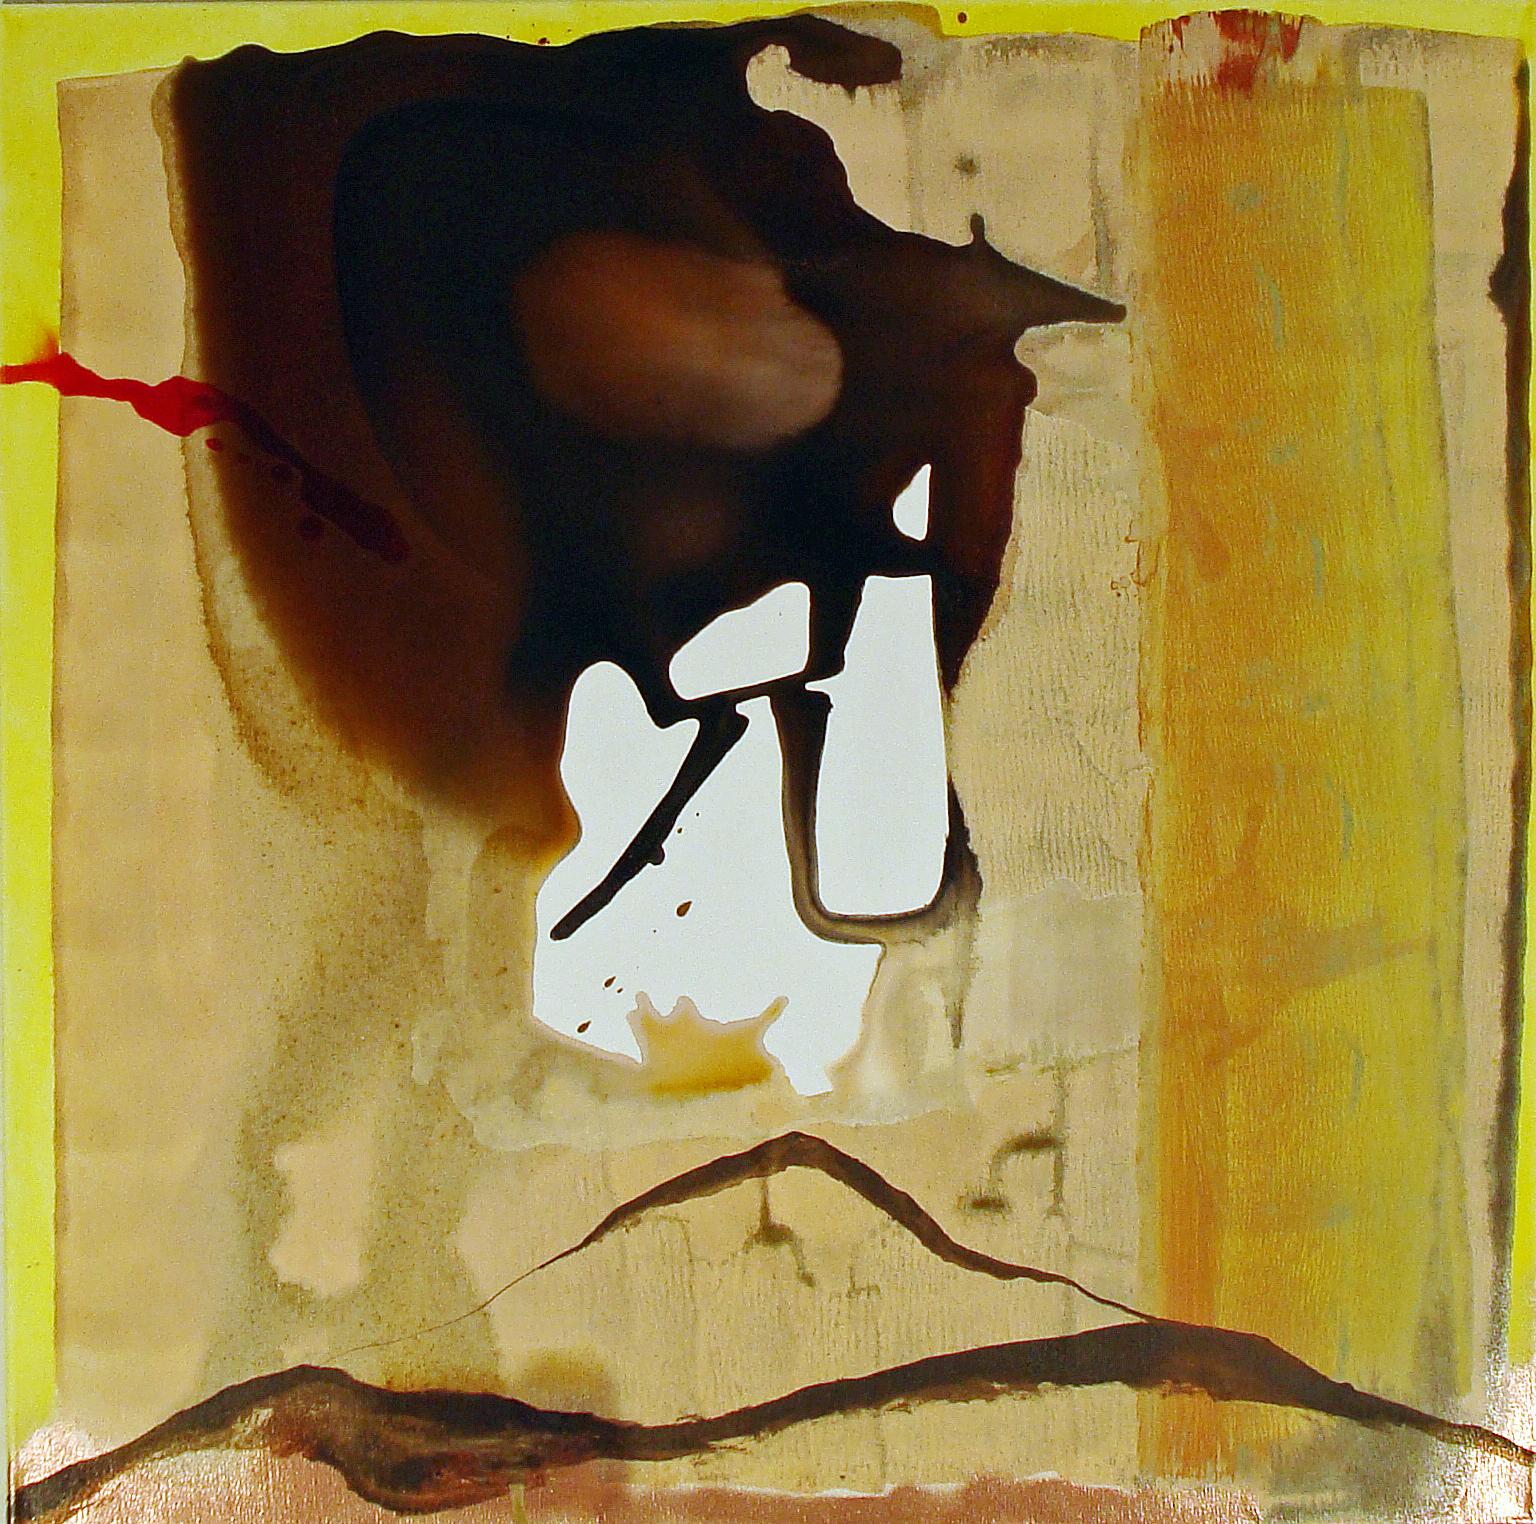 Sian Go / Des Kleinen Übergewicht (62), 2012, Zeichentusche auf Leinwand, 80 x 80 cm, € 387,10 (€ 490.-)